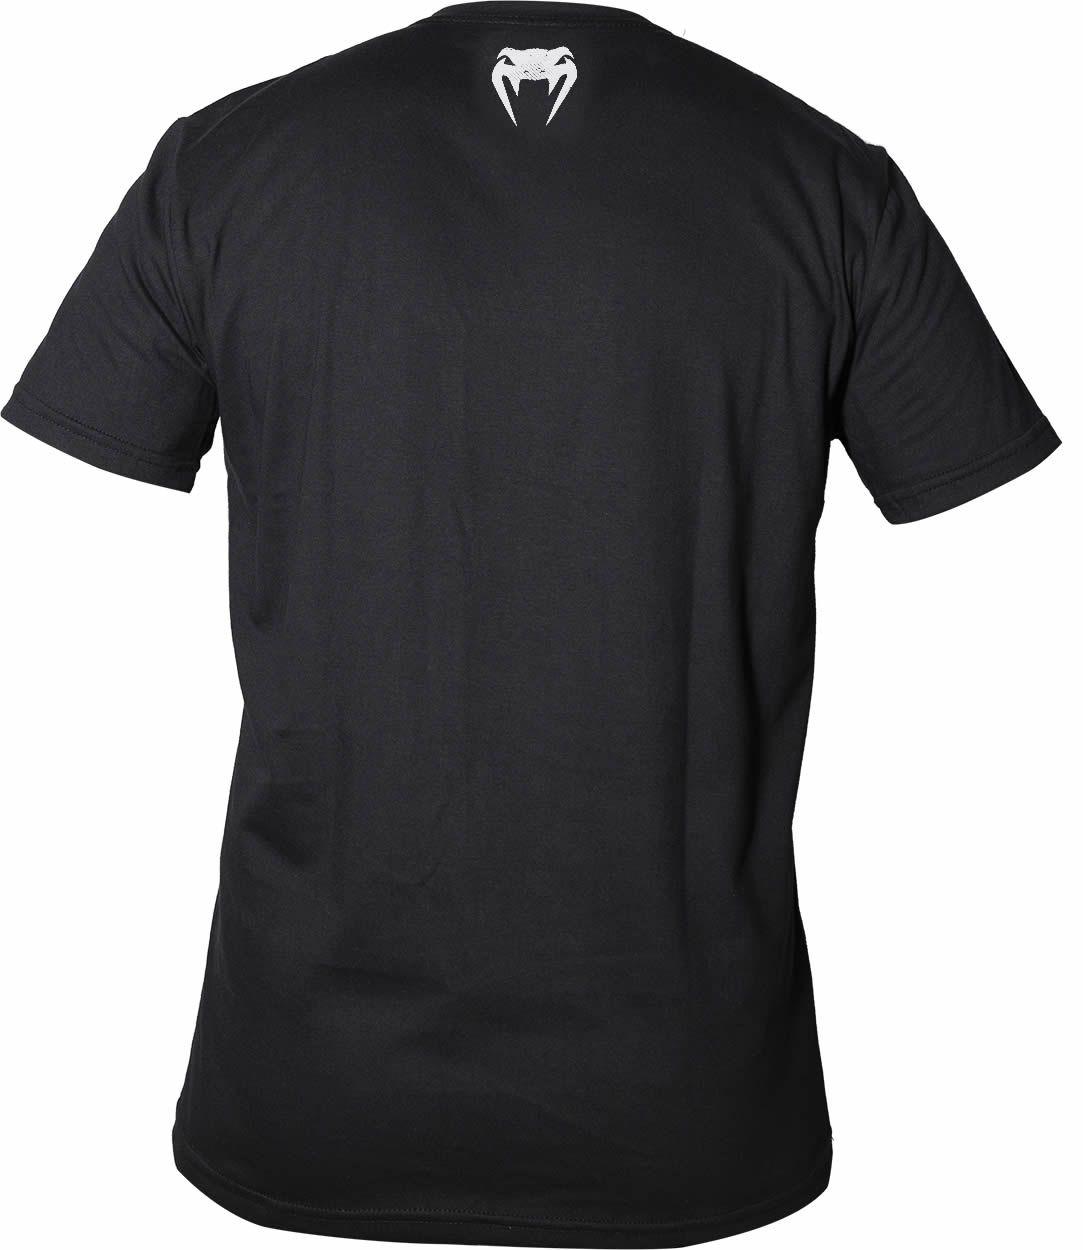 Camisa Camiseta MMA Fight Team - Preta - Venum  - Loja do Competidor